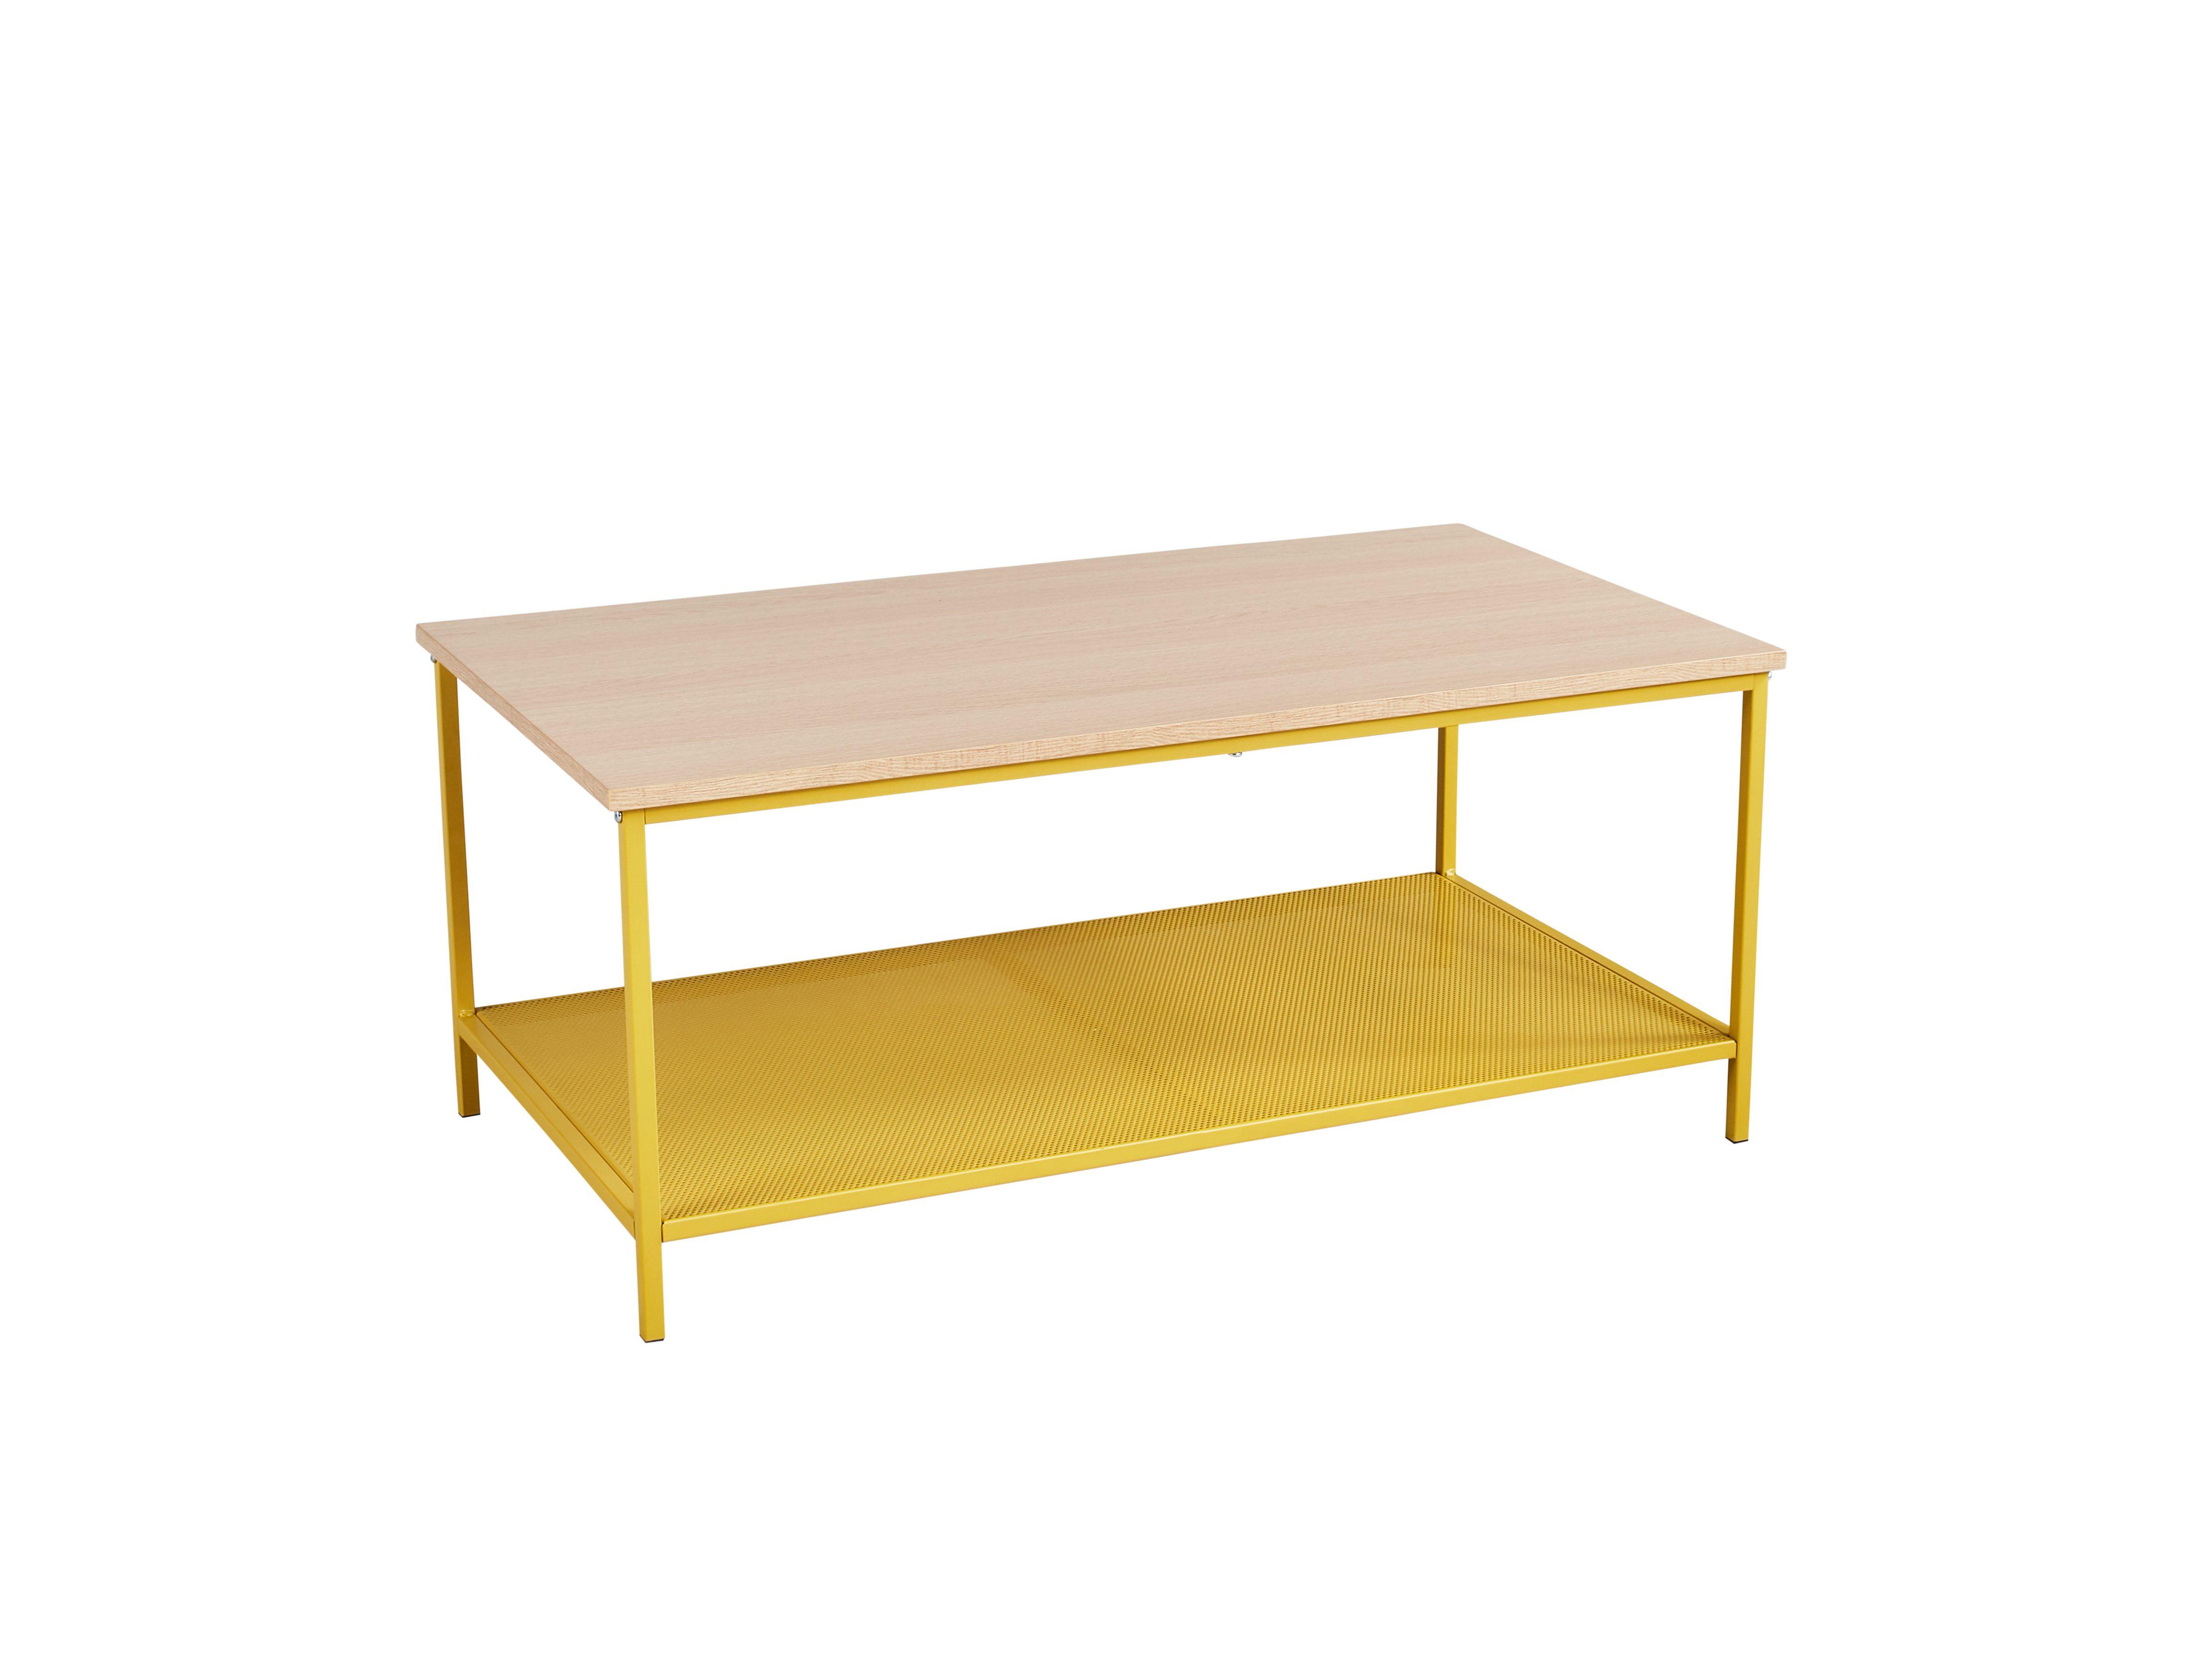 Table basse rectangle NAILA industrielle Jaune/Chêne | Été Indien ...